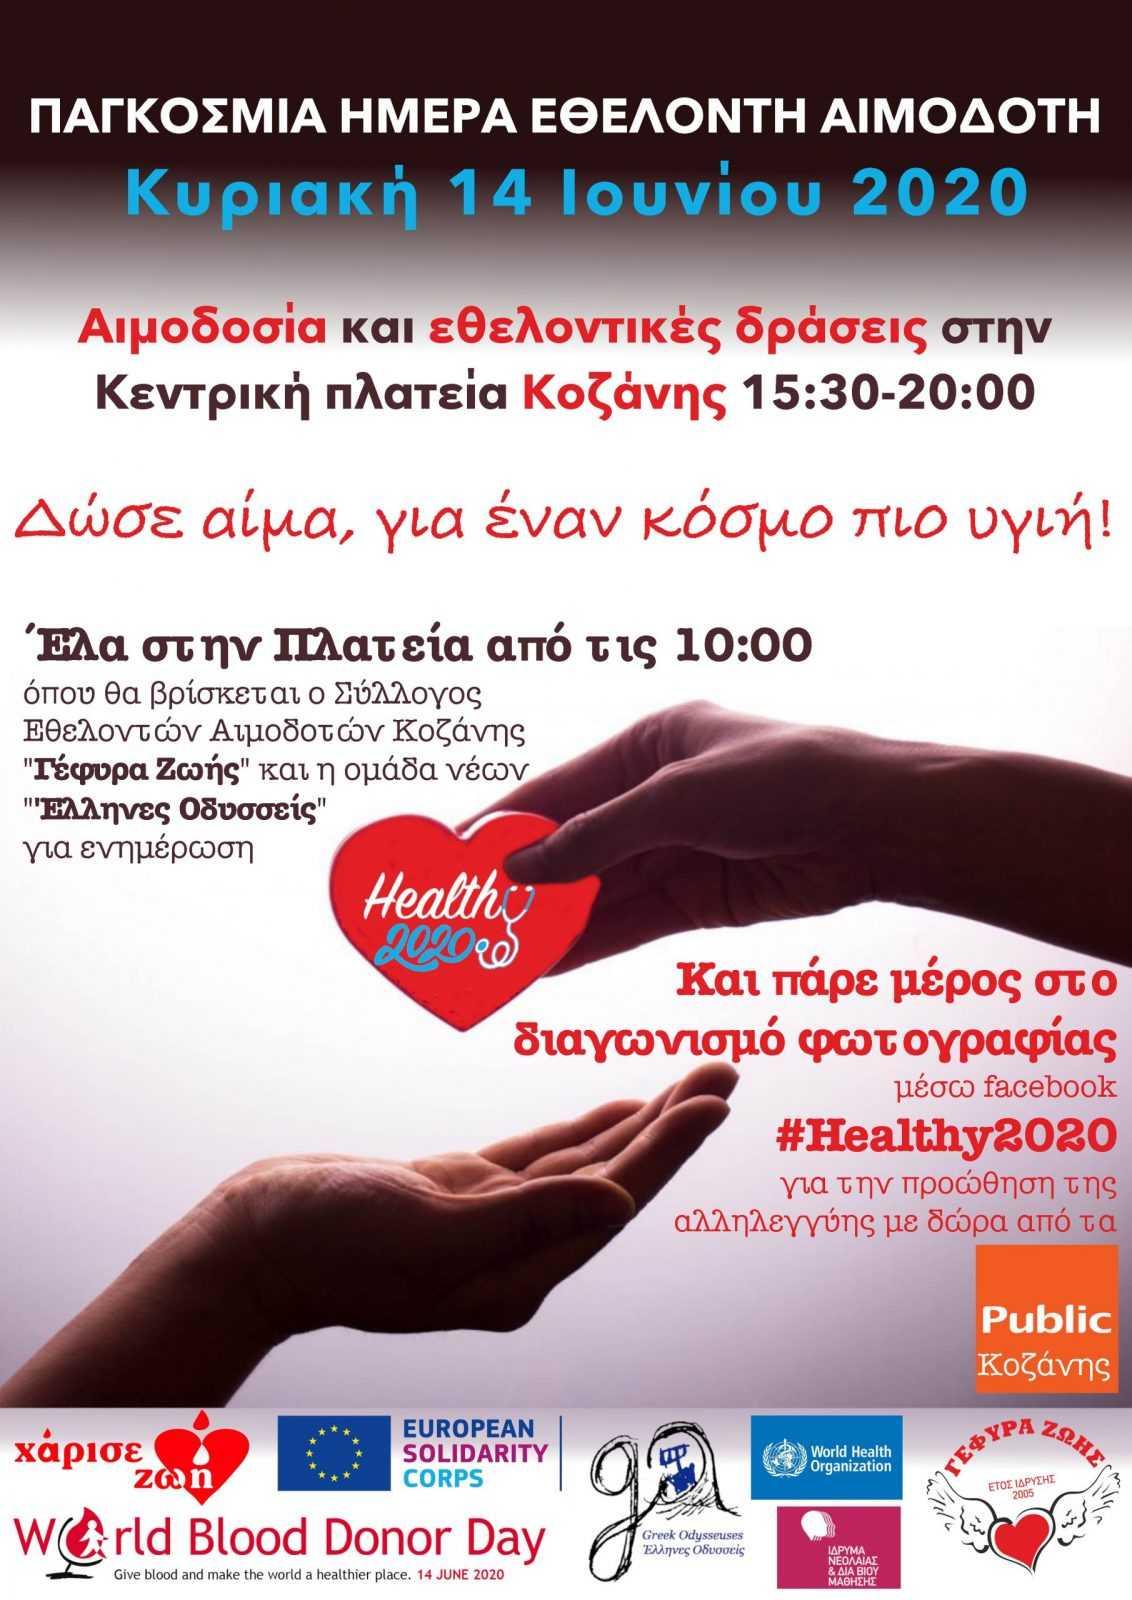 Παγκόσμια Ημέρα Εθελοντή Αιμοδότη & Αιμοδοσία